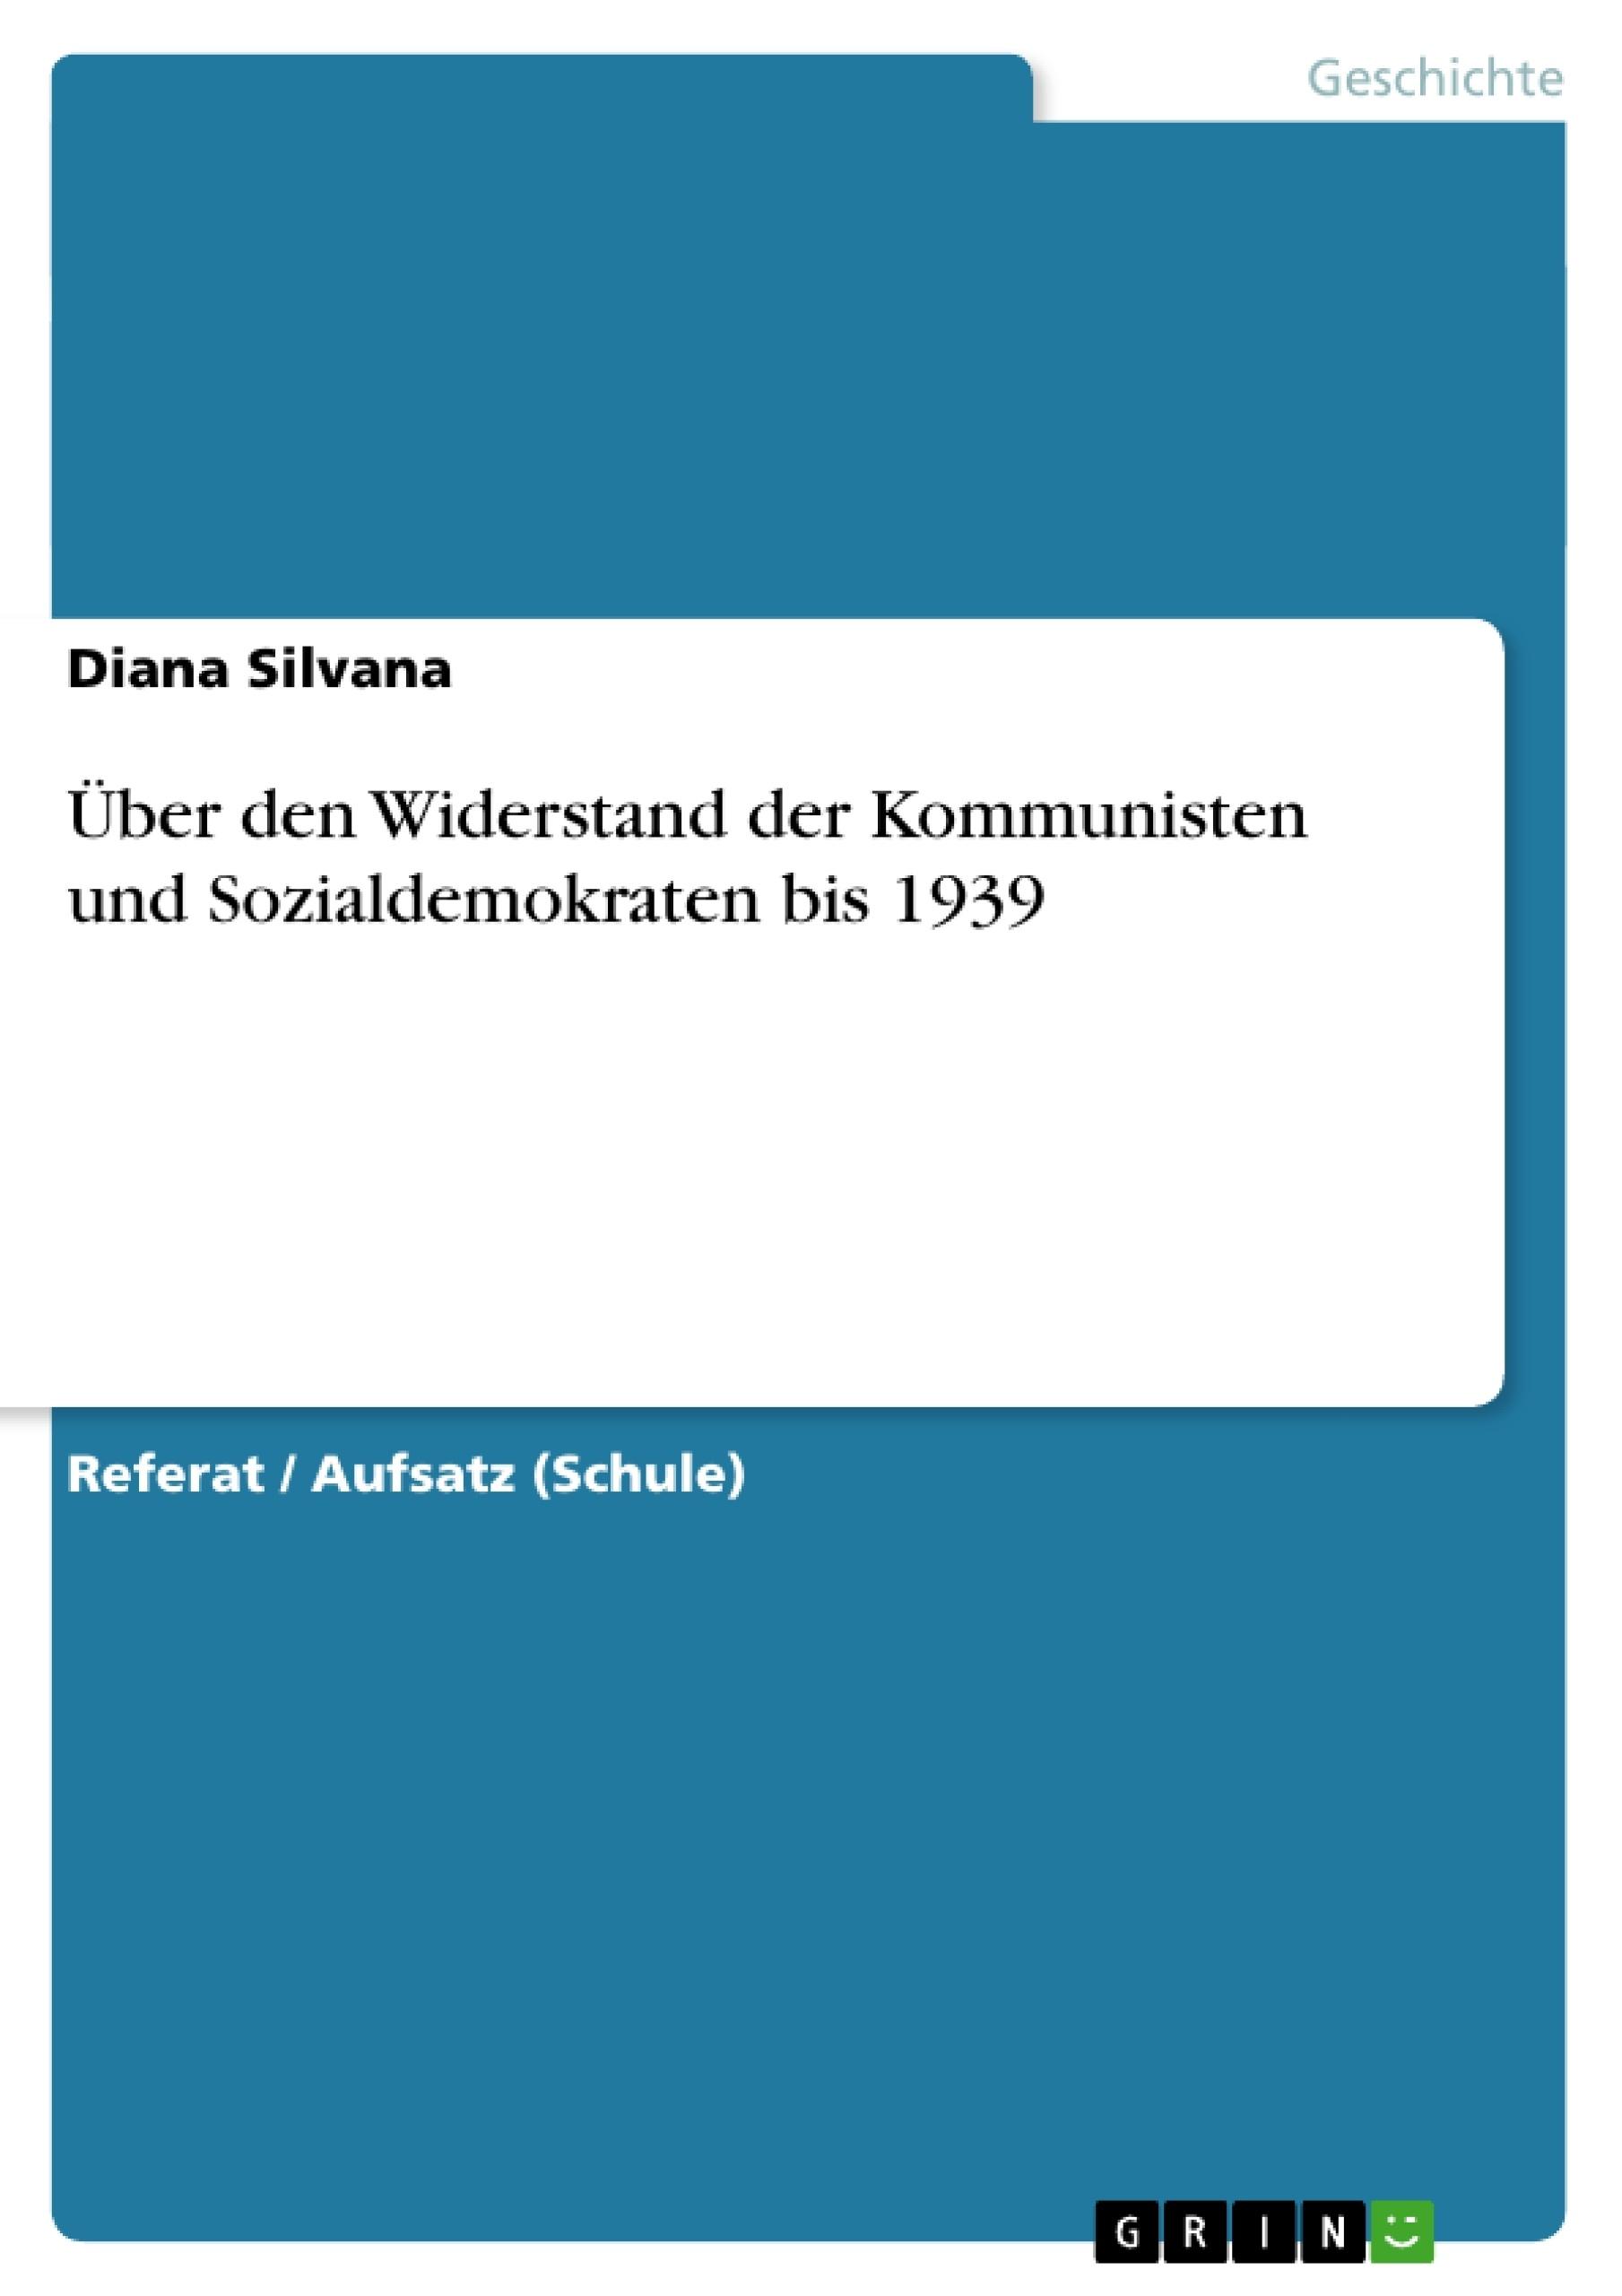 Titel: Über den Widerstand der Kommunisten und Sozialdemokraten bis 1939